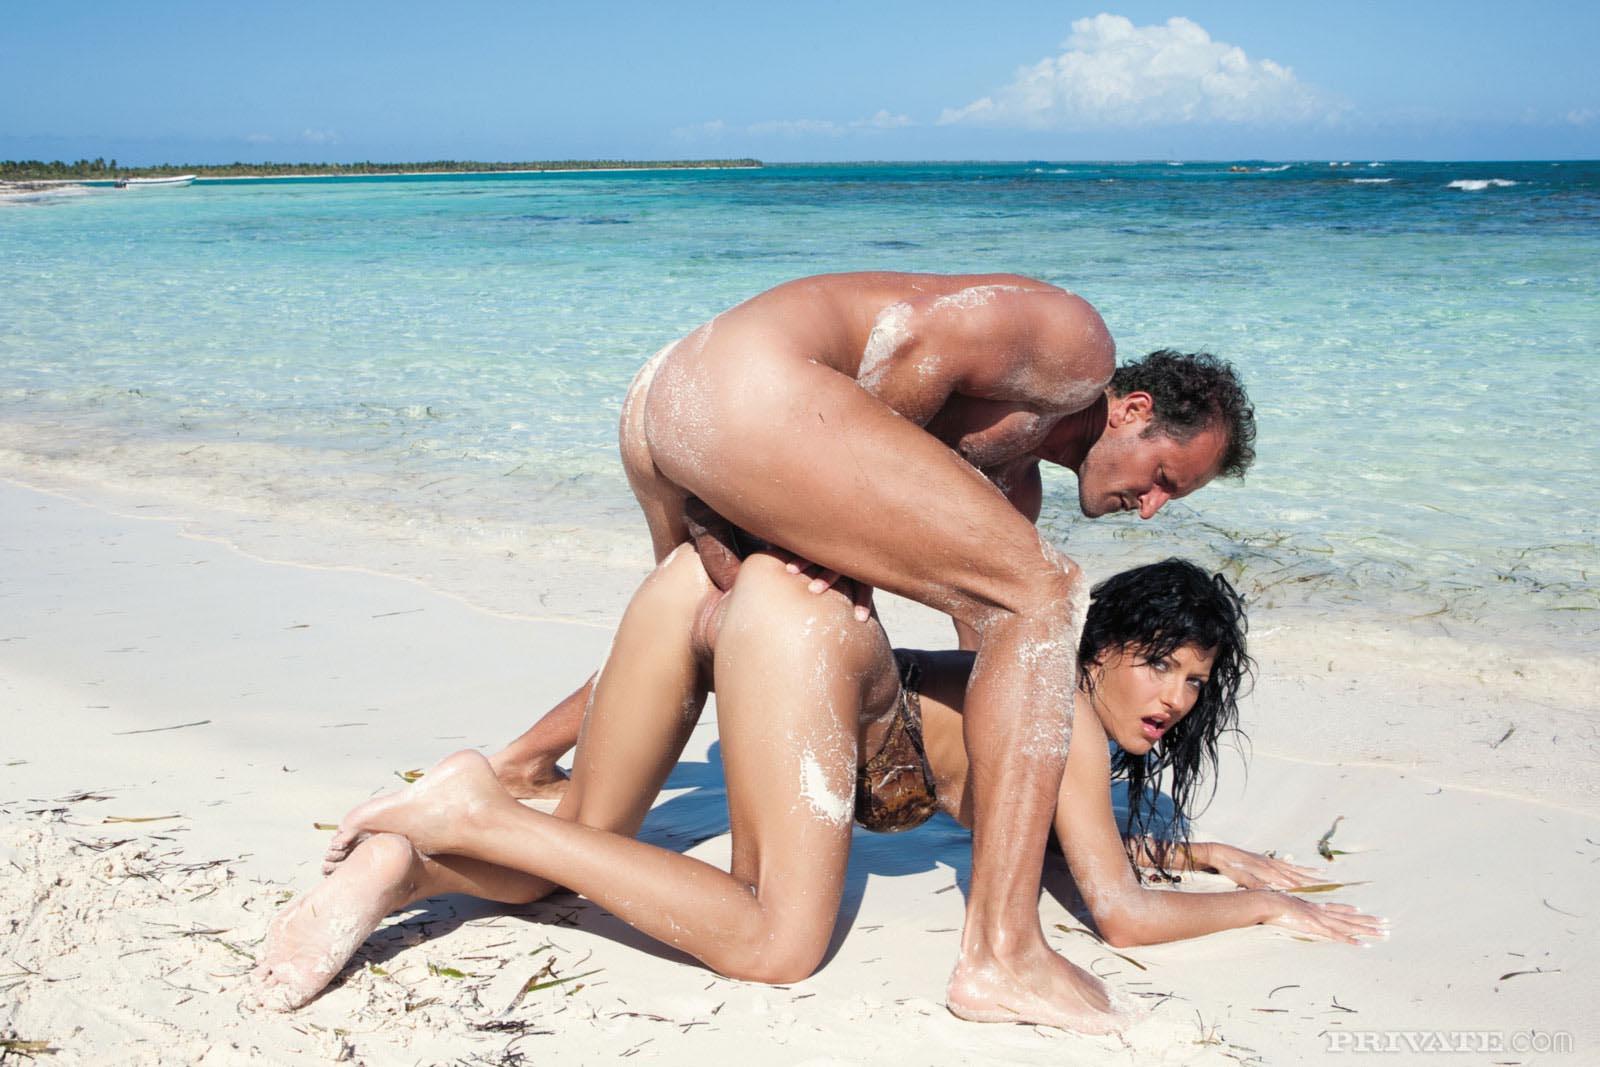 трахание на пляже видео - 12